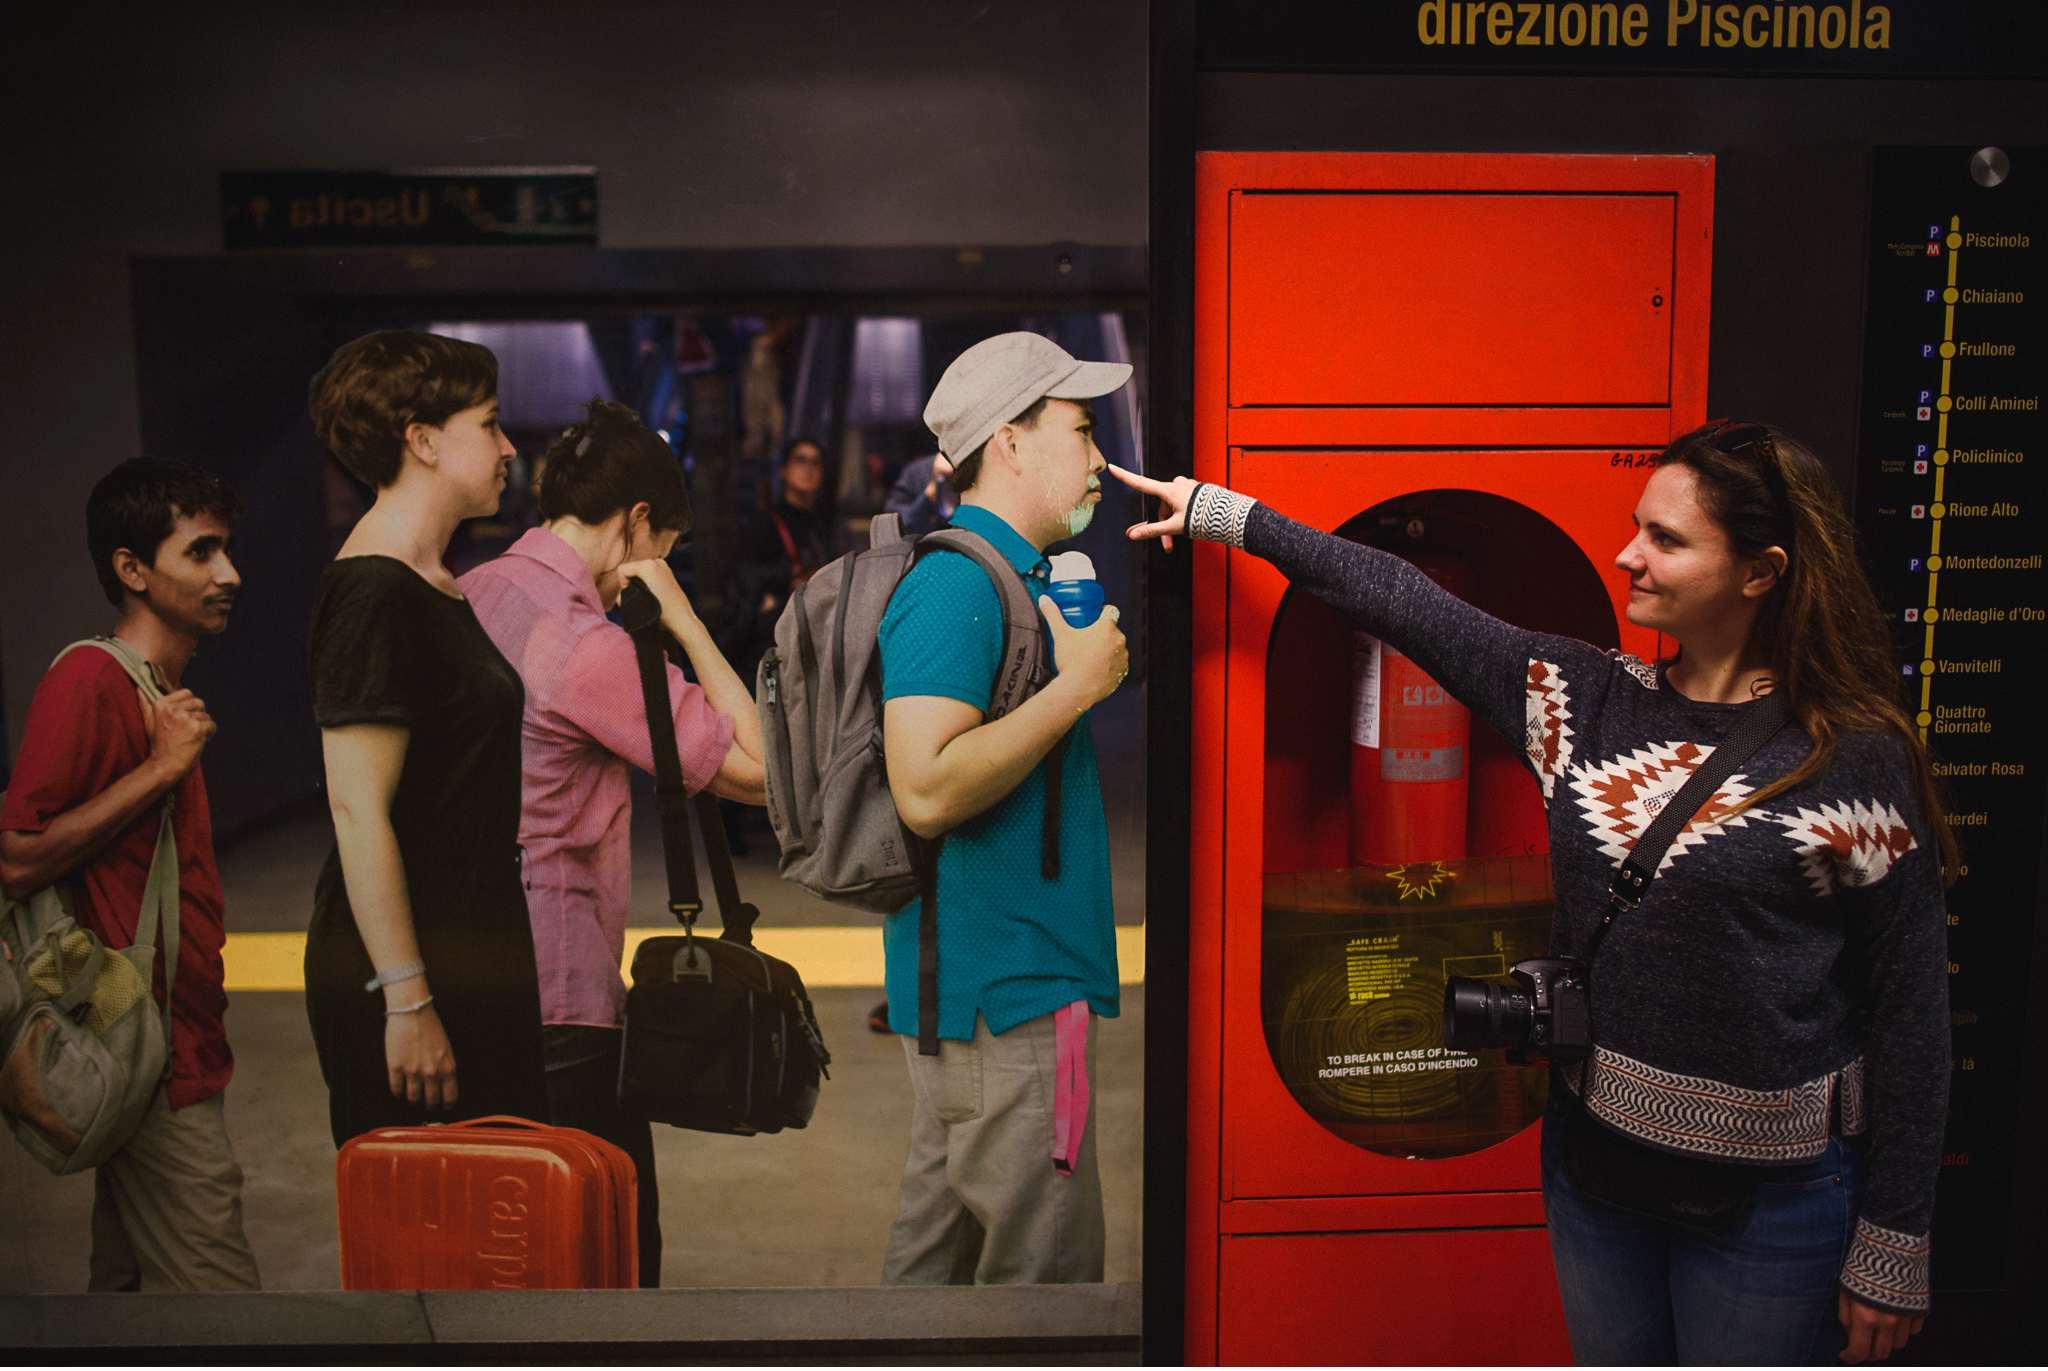 Interrail Reise - Italien Neapel - Geschichten von unterwegs - Foto Daniel Kempf-Seifried-109